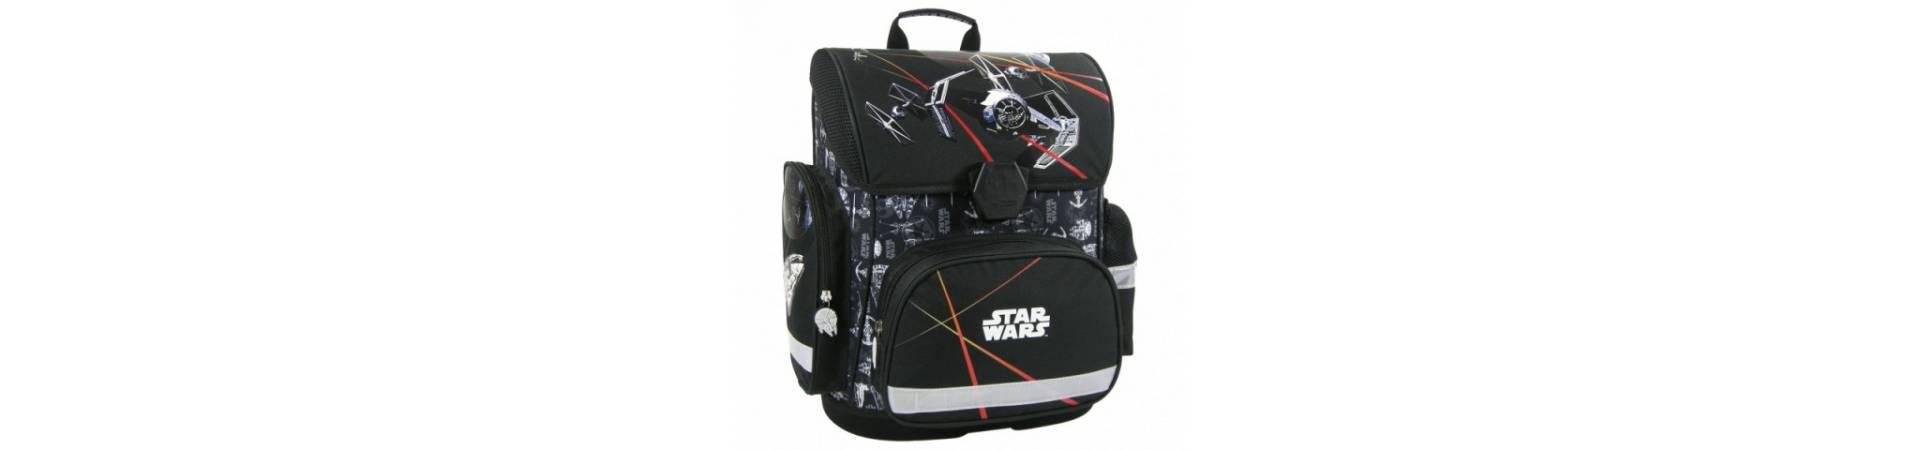 Star Wars - Táskák